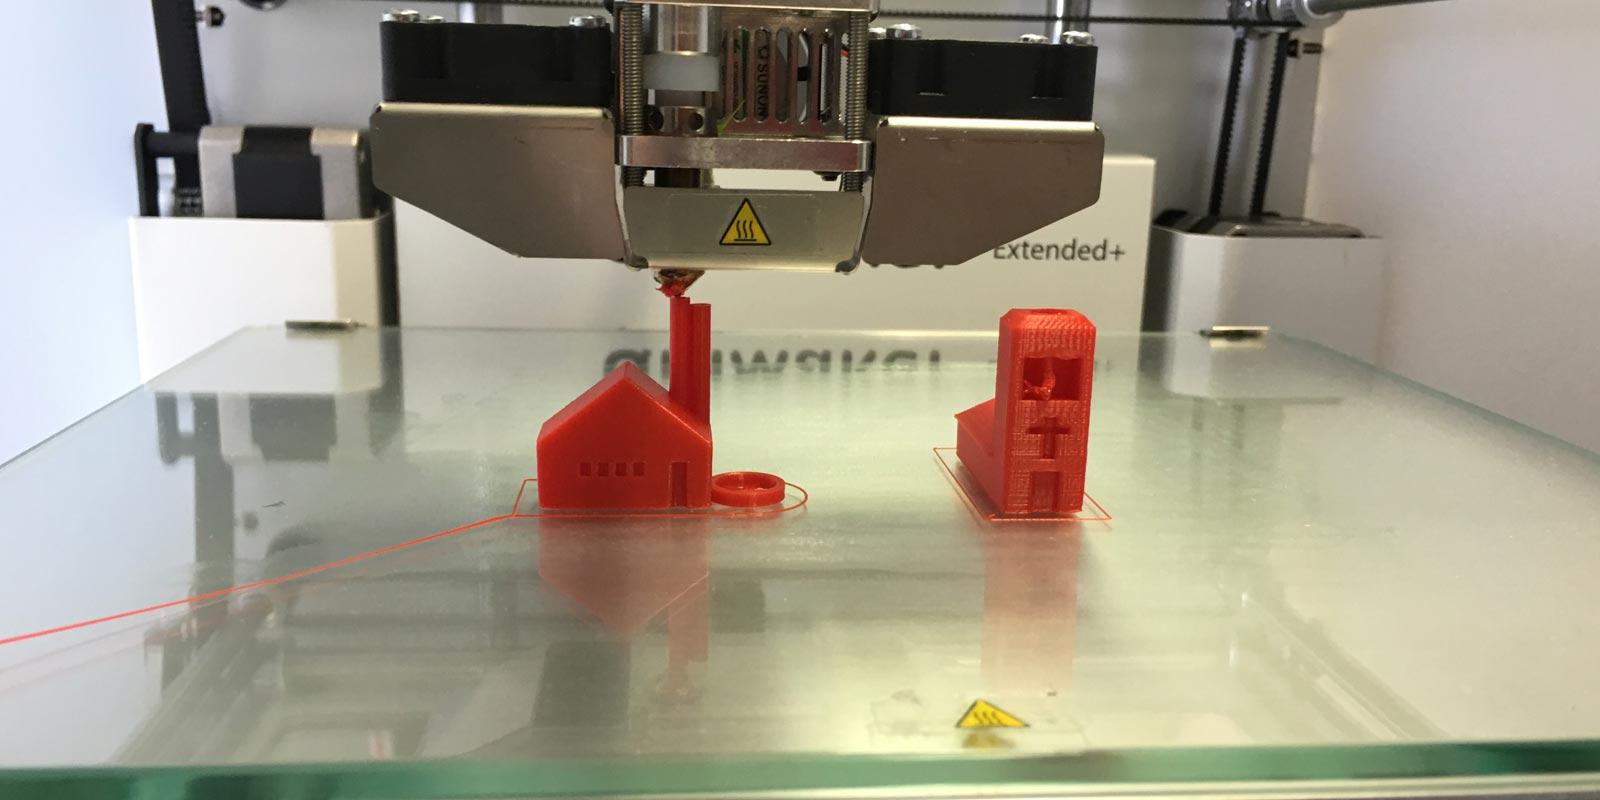 stampa-3d-facile-modelli-estrusore-filamento-design-problemi-guida-otturazione-plastica-stampante-simplify3d-estrusione-separazione-divisione-layer-temperatura-2